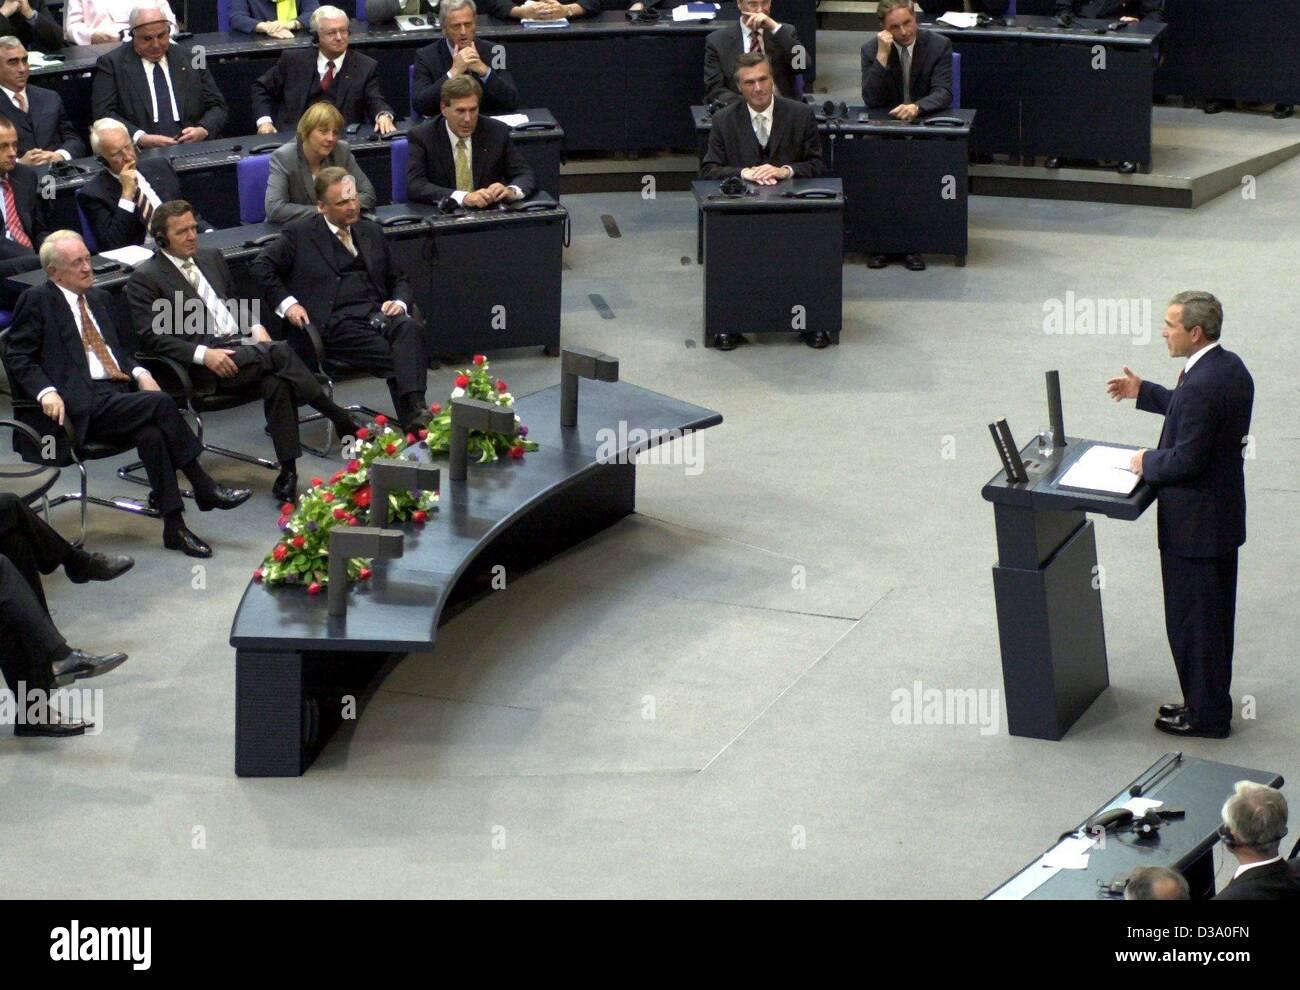 """(Dpa) - Il presidente statunitense George W. Bush offre il suo discorso in Parlamento tedesco, il Bundestag, a Berlino, 23 maggio 2002. Egli ha auspicato un aspetto europeo contro il """"nemici della libertà"""". Bush è venuto su una settimana di visita in Europa, Germania essendo la sua prima sosta. Foto Stock"""